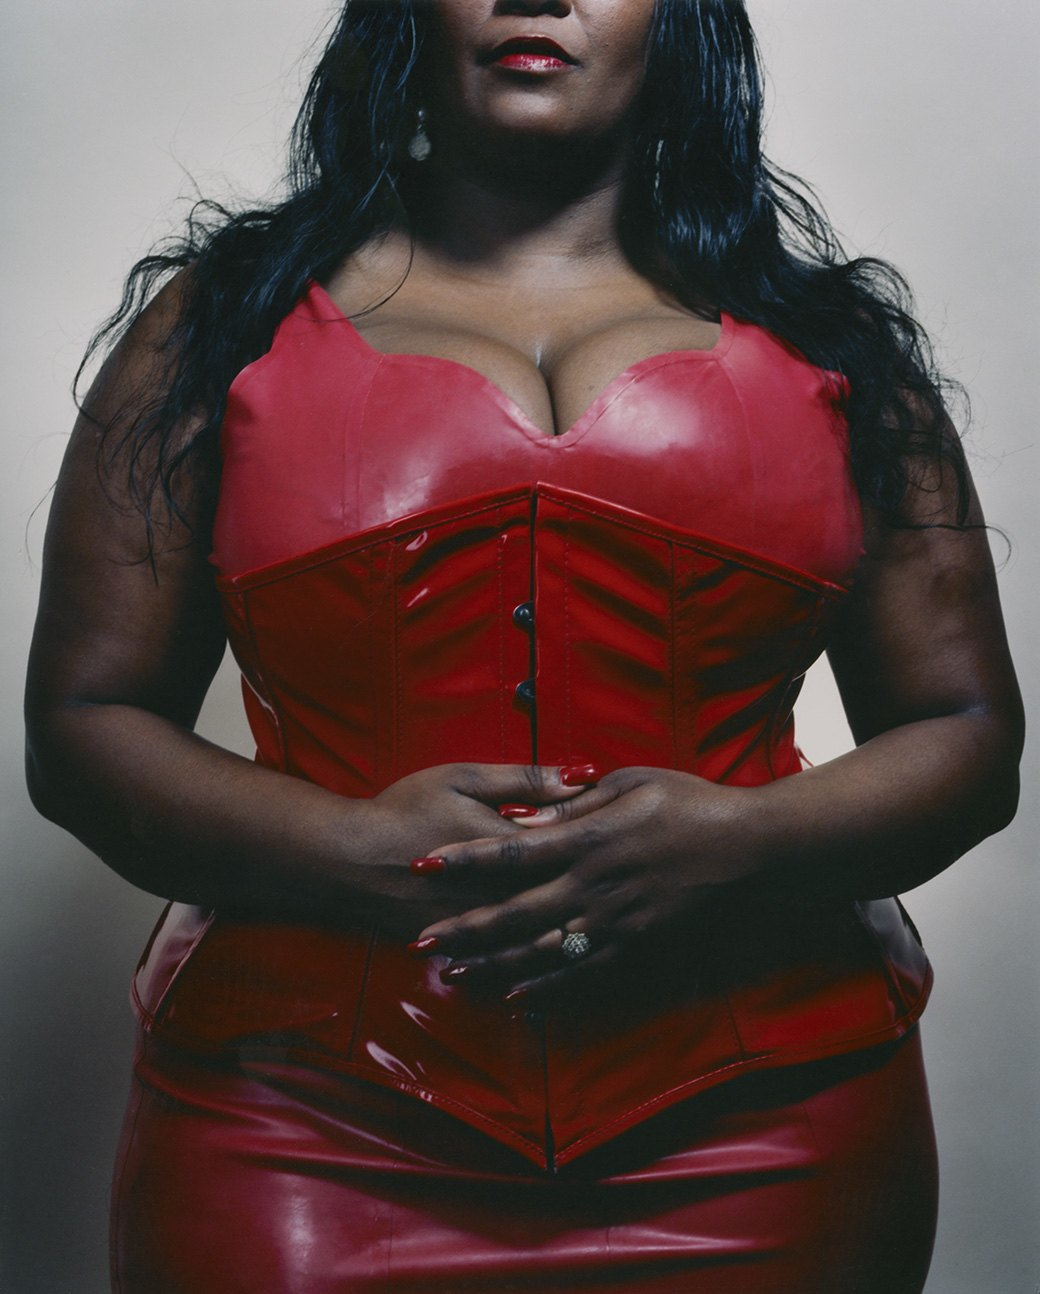 Моя госпожа: Фотограф Кейт Питерс исследует вопросы доминирования женщин в сексе. Изображение № 11.